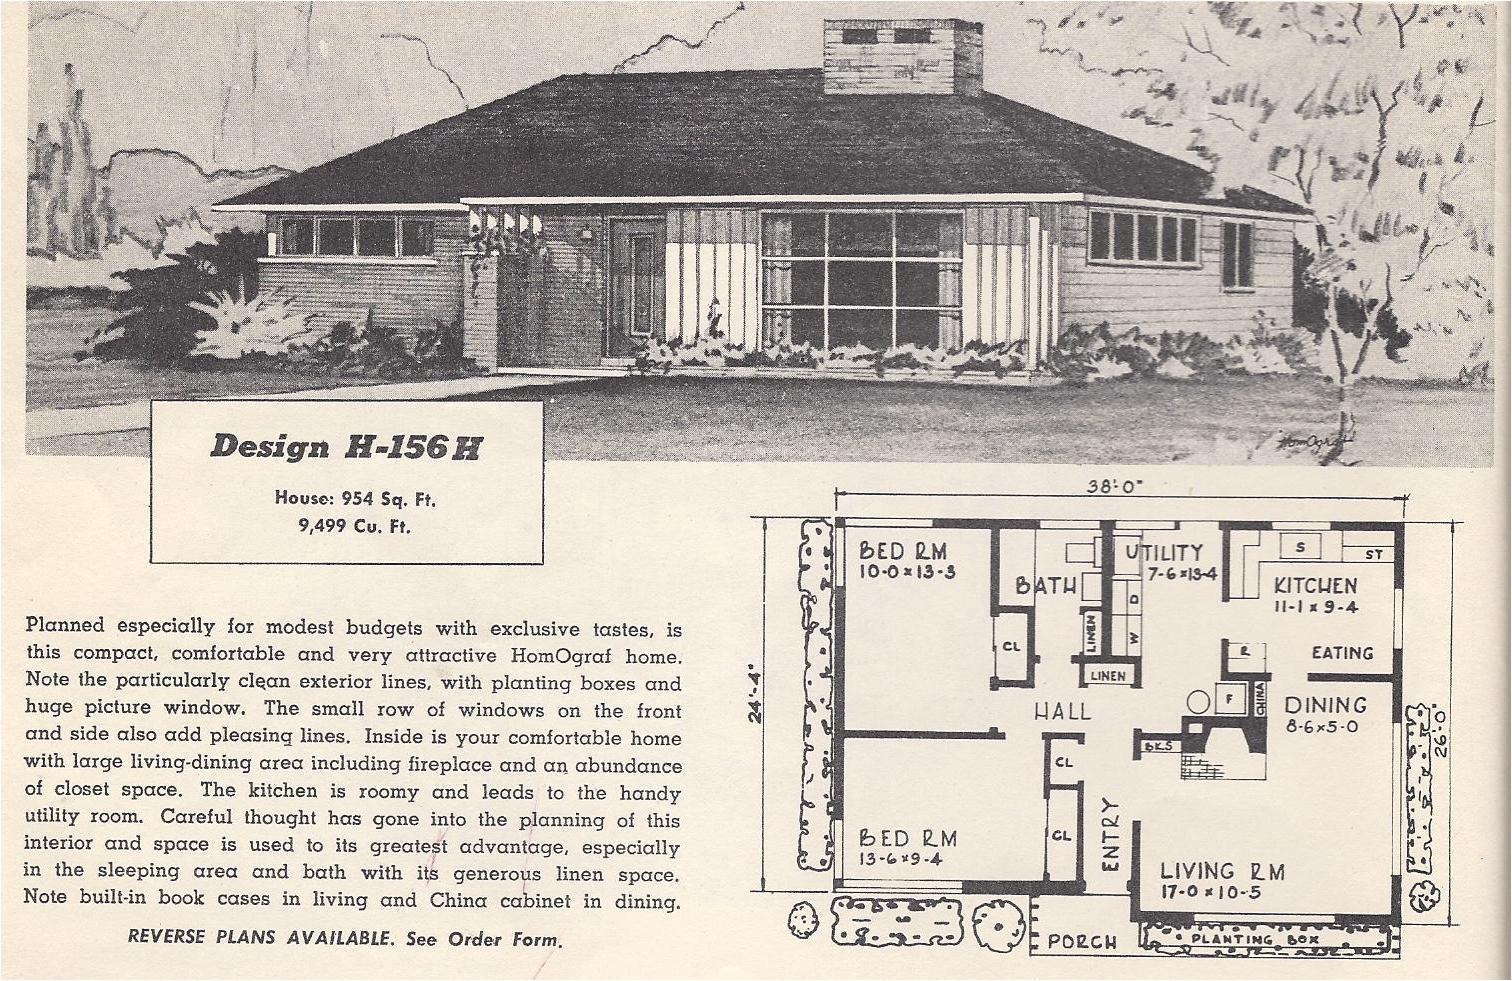 Retro Home Plans Vintage House Plans 156h Antique Alter Ego